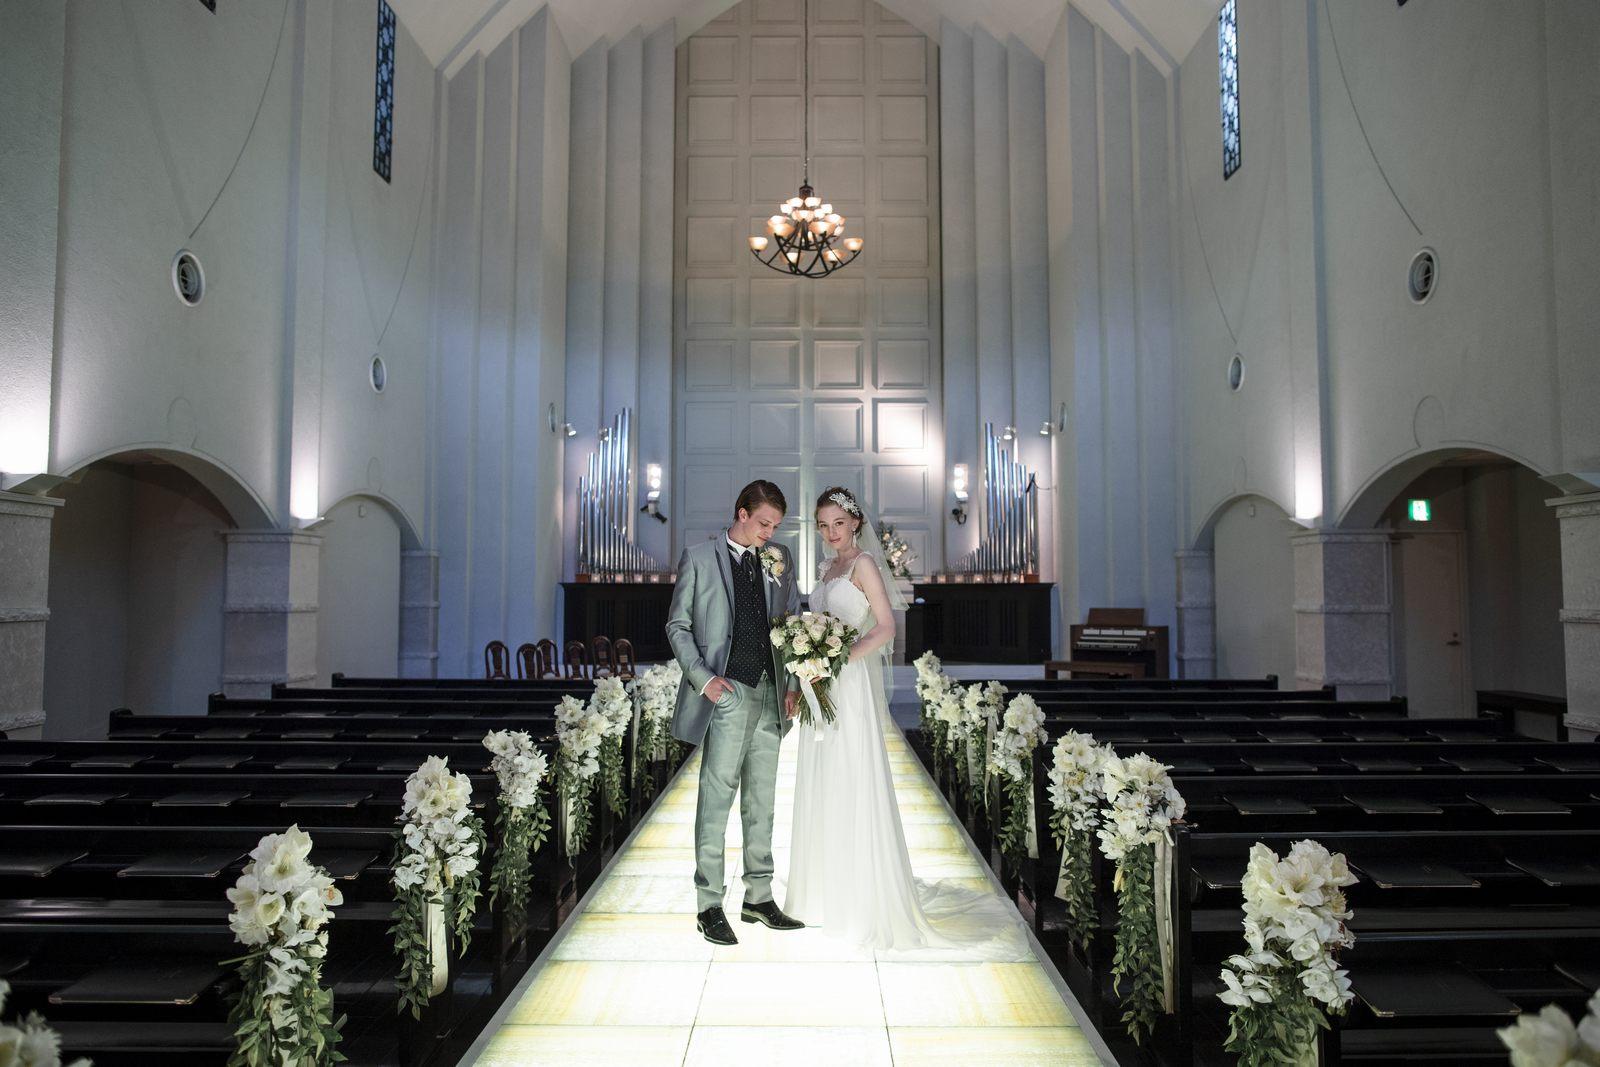 香川県の結婚式場シェルエメールのチャペル